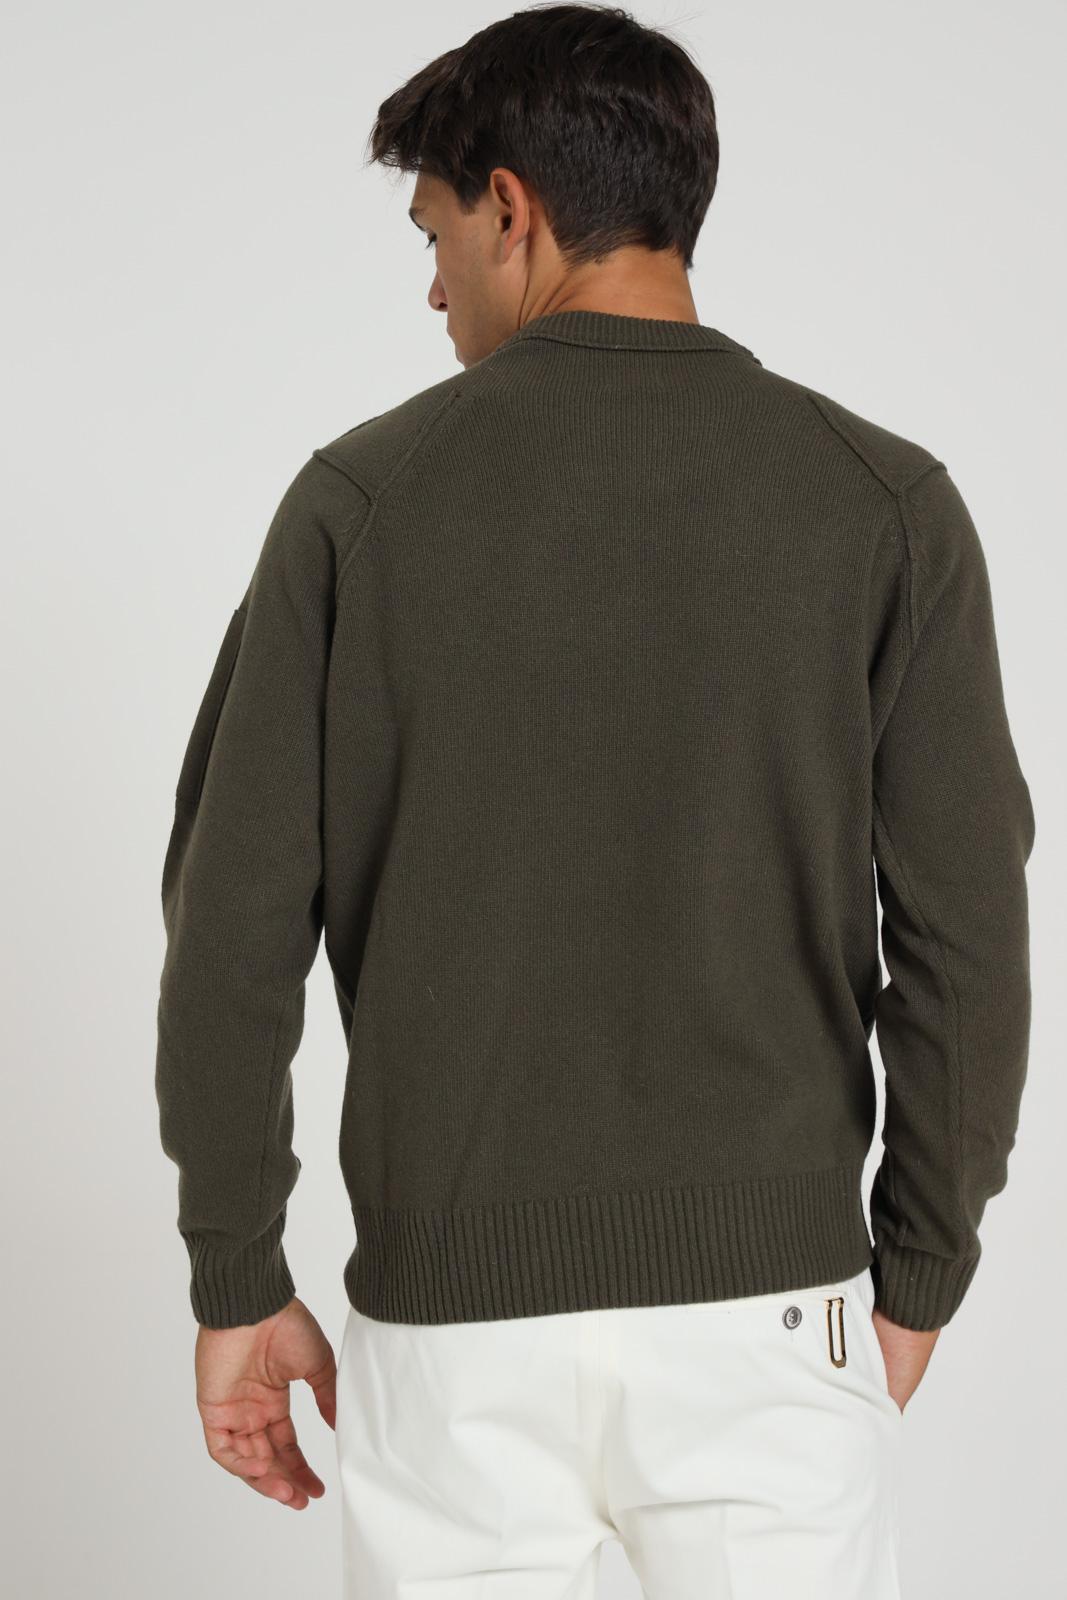 C.P. COMPANY | Knitwear | 09CMKN111A-005504A683